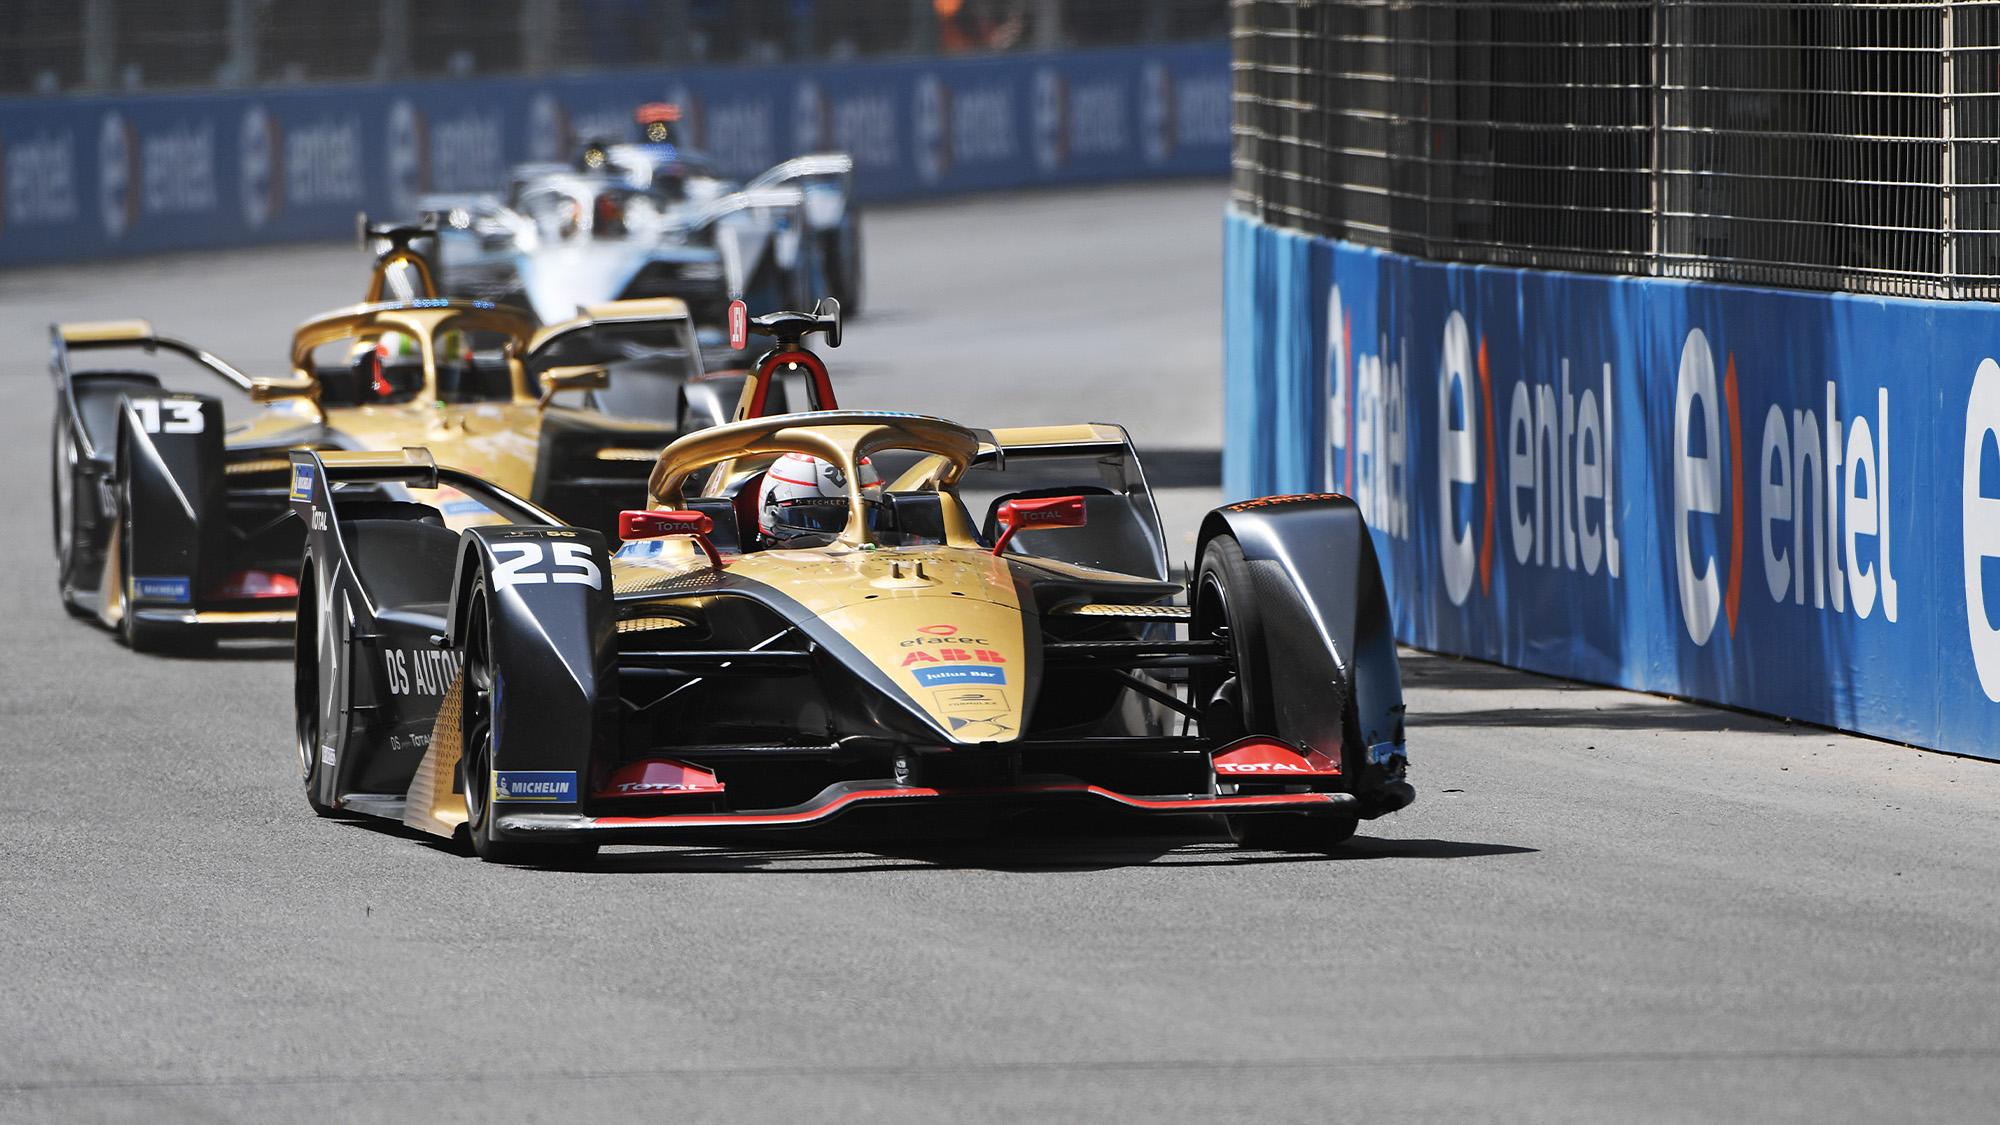 DS Techeetah cars in the 2020 Formula E season